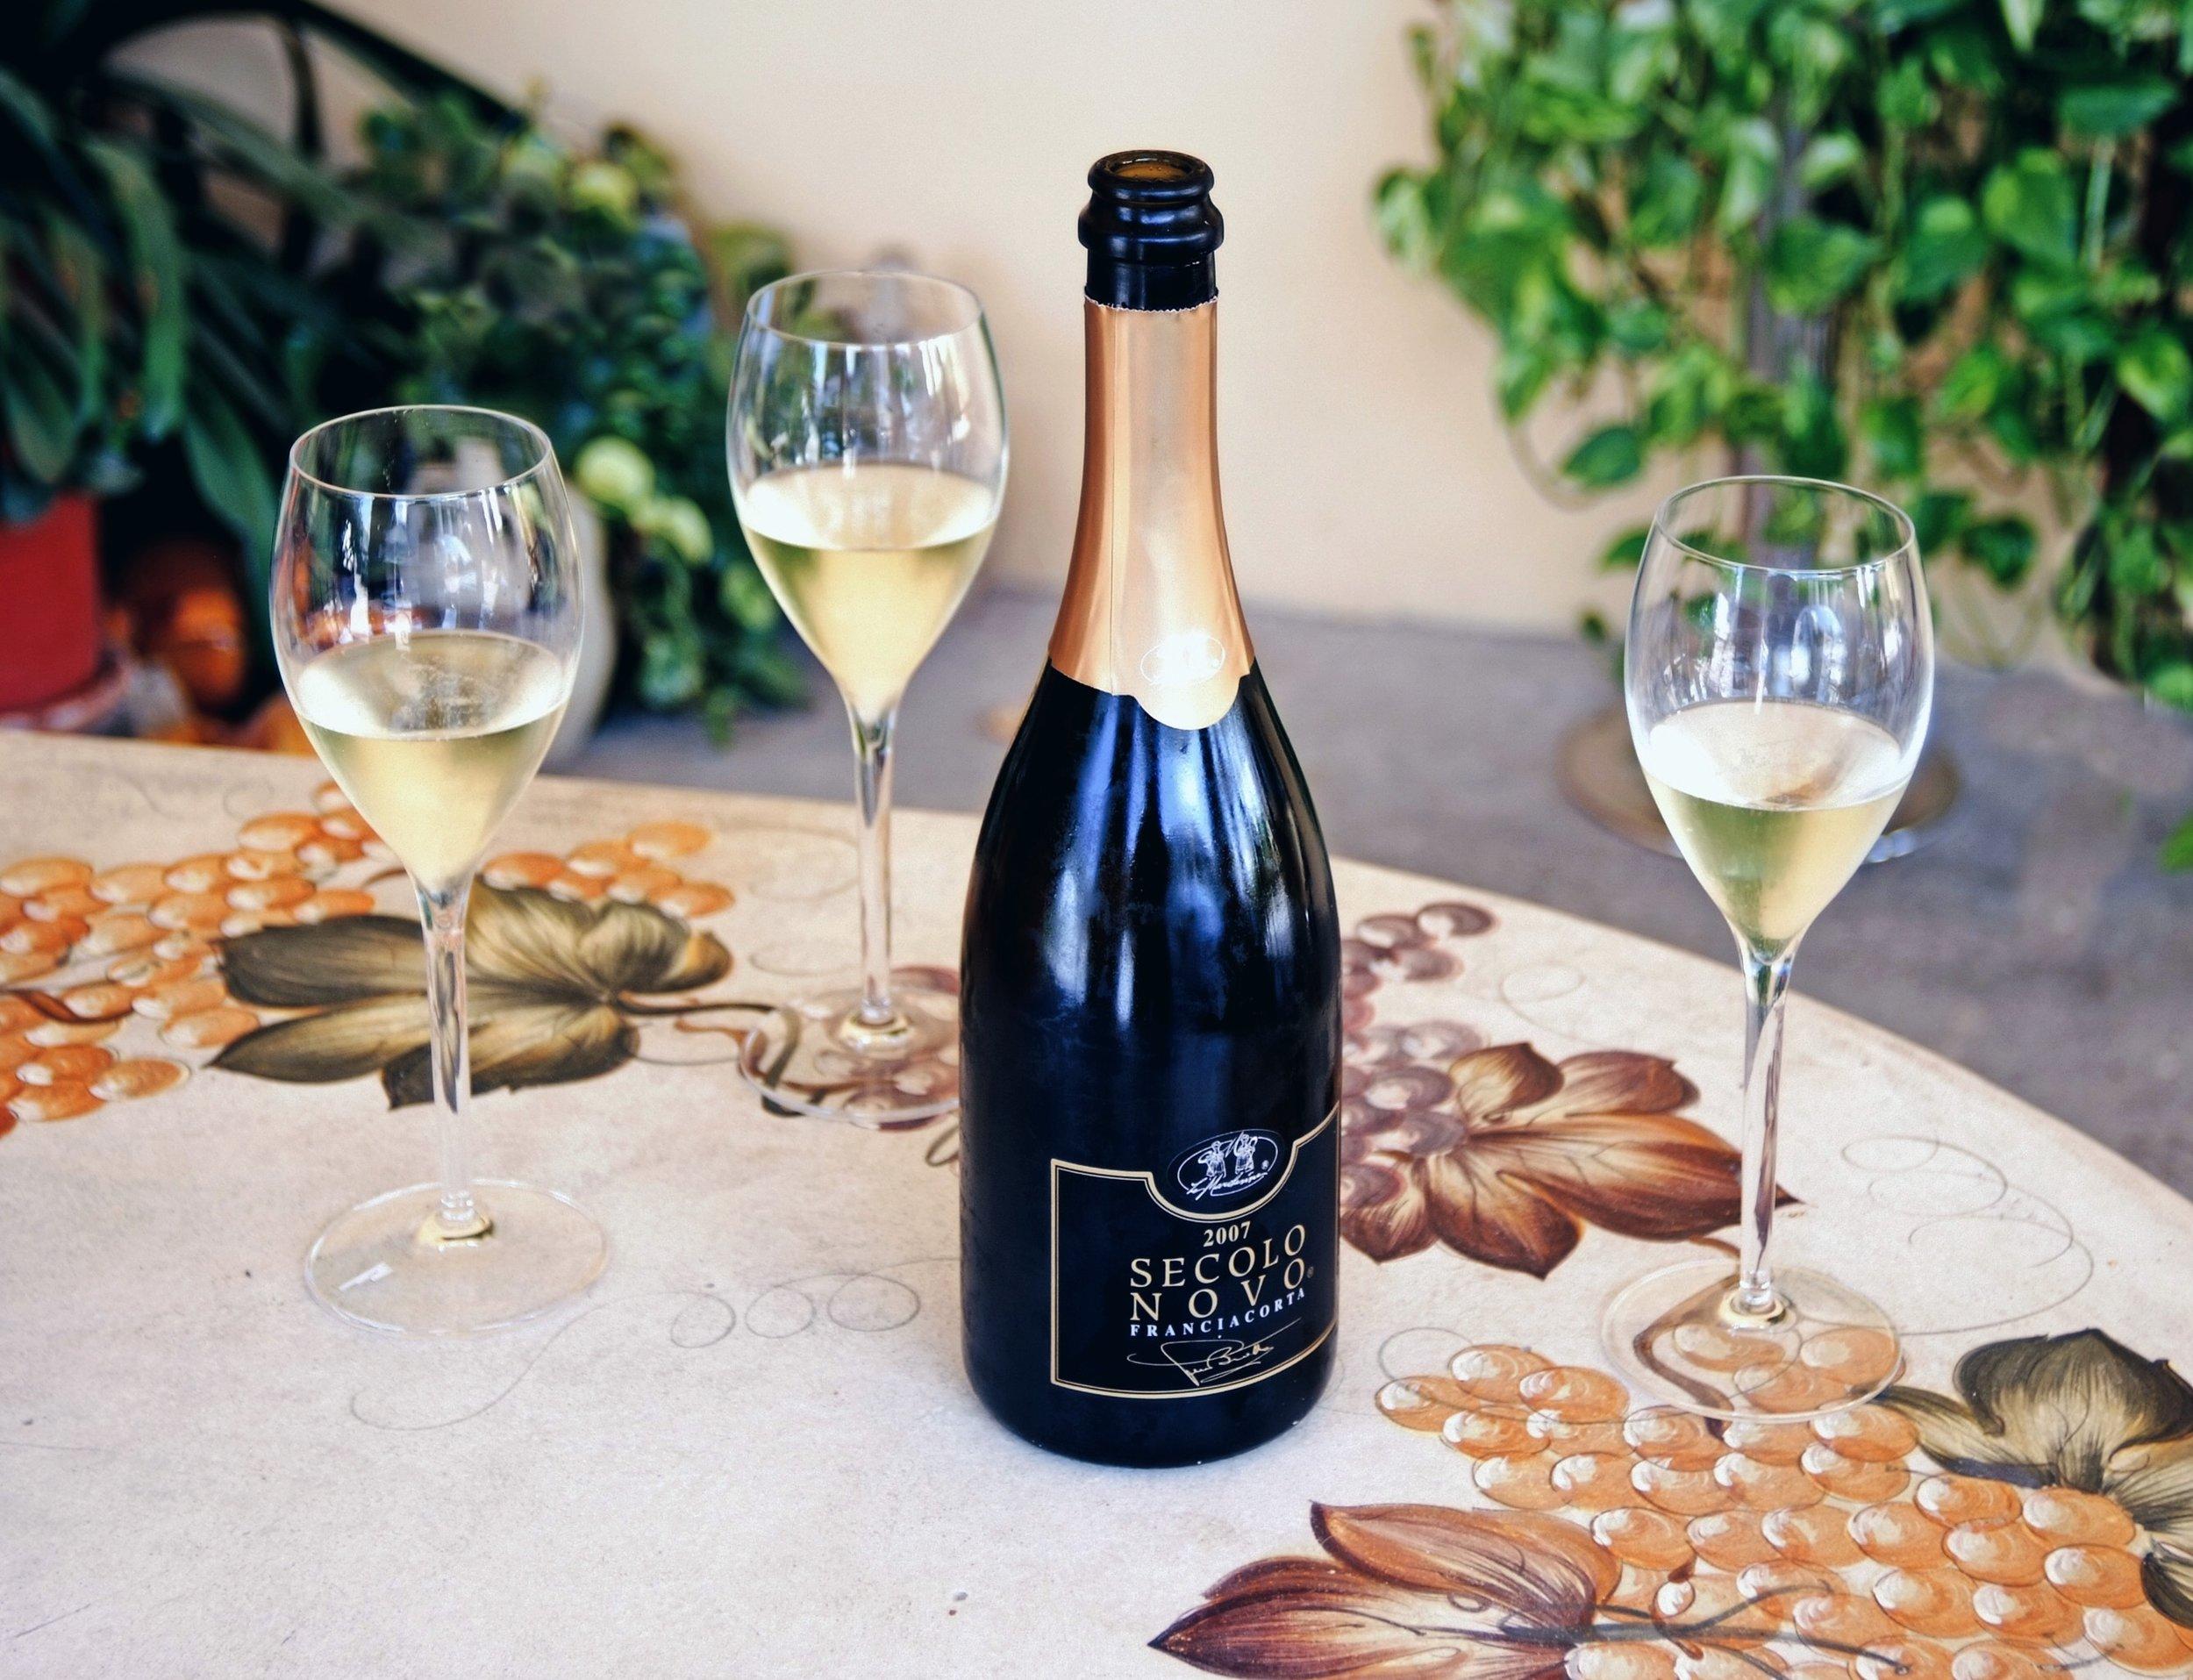 Fondata nel 1985 a Passirano, in provincia di Brescia, Le Marchesine produce oggi 450 mila bottiglie all'anno.